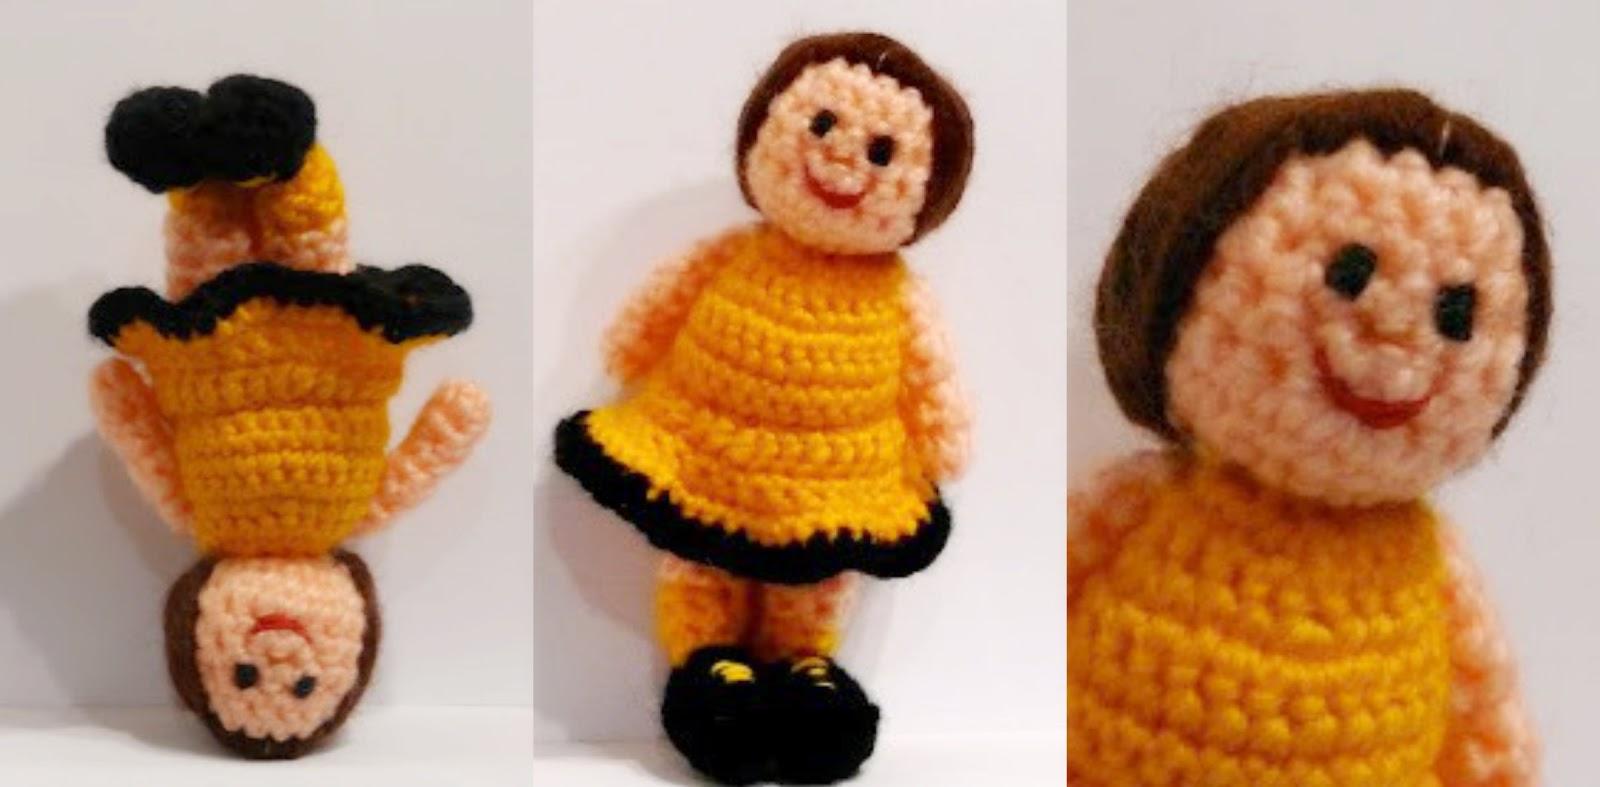 muñeca amigurumi amarillo hecha a mano